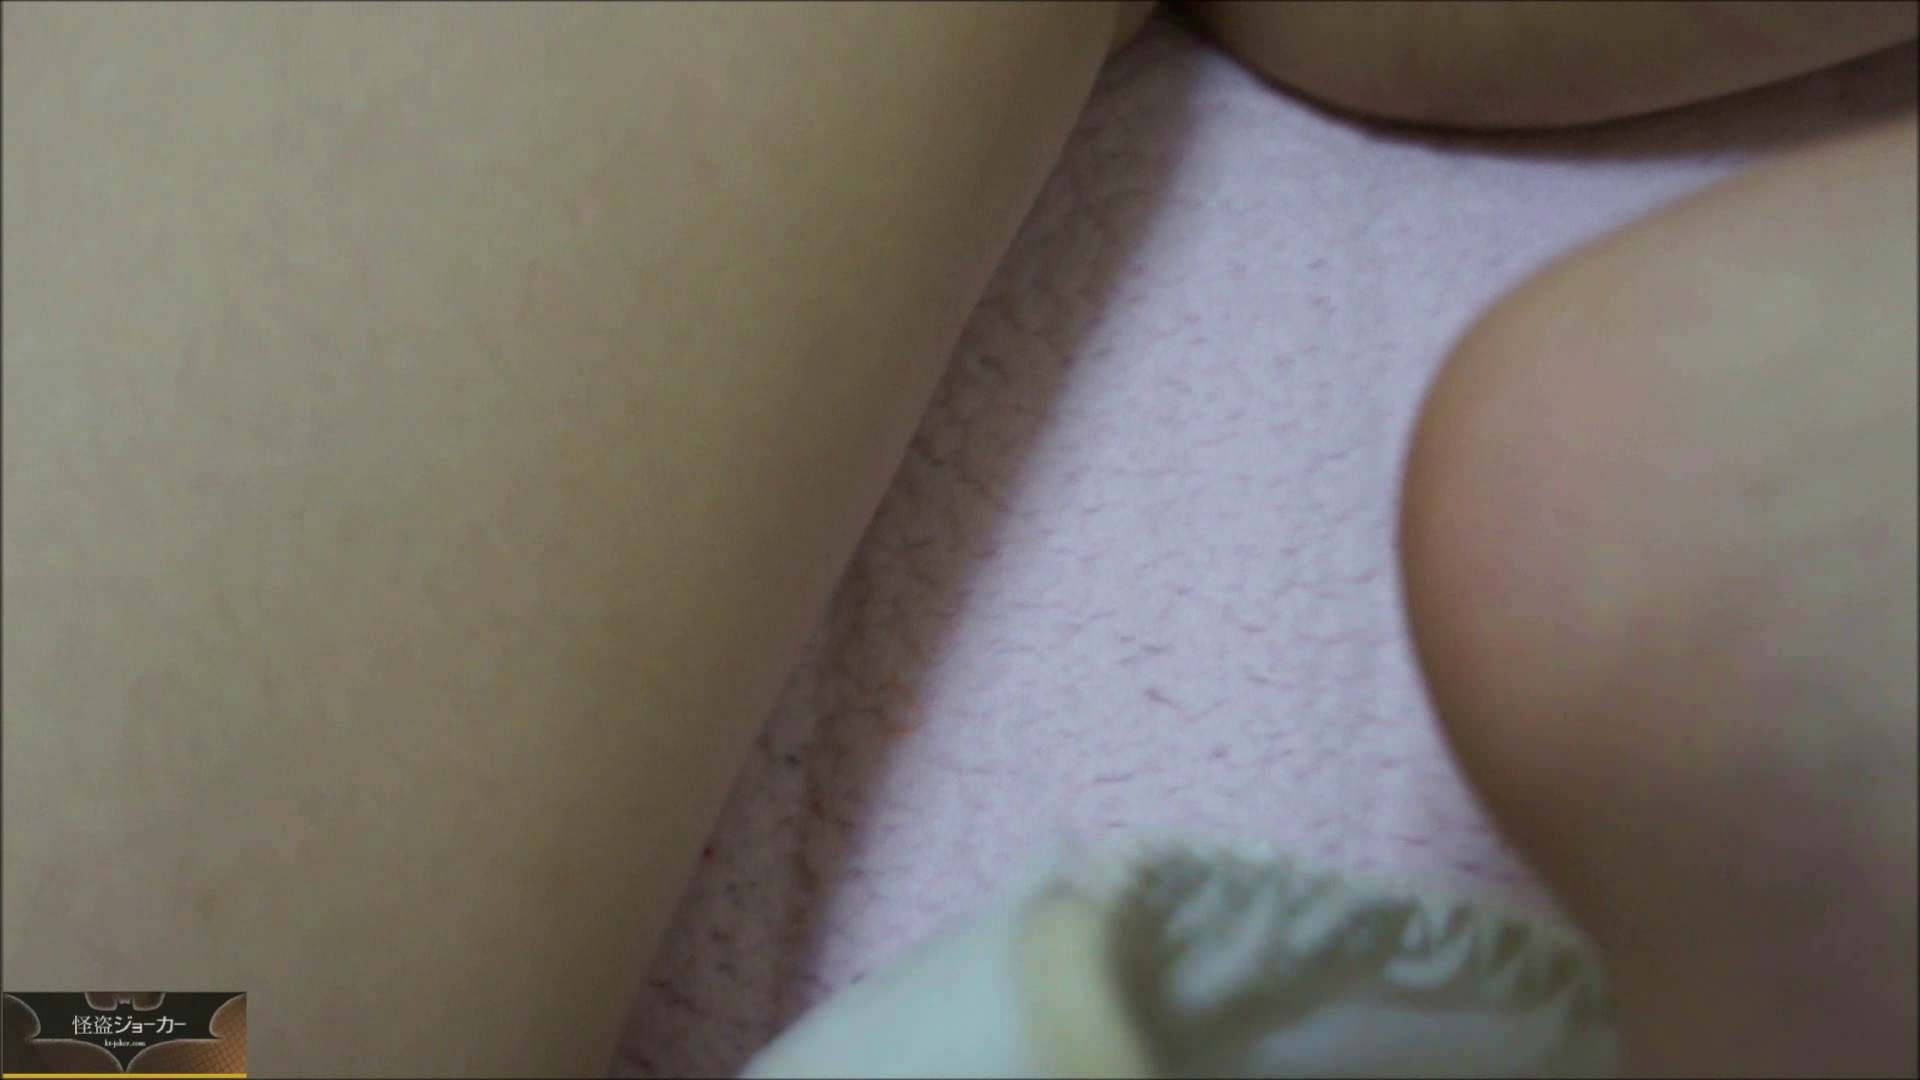 【未公開】vol.26 目民るレイカを突いて・・・ 学校 オメコ無修正動画無料 72画像 59